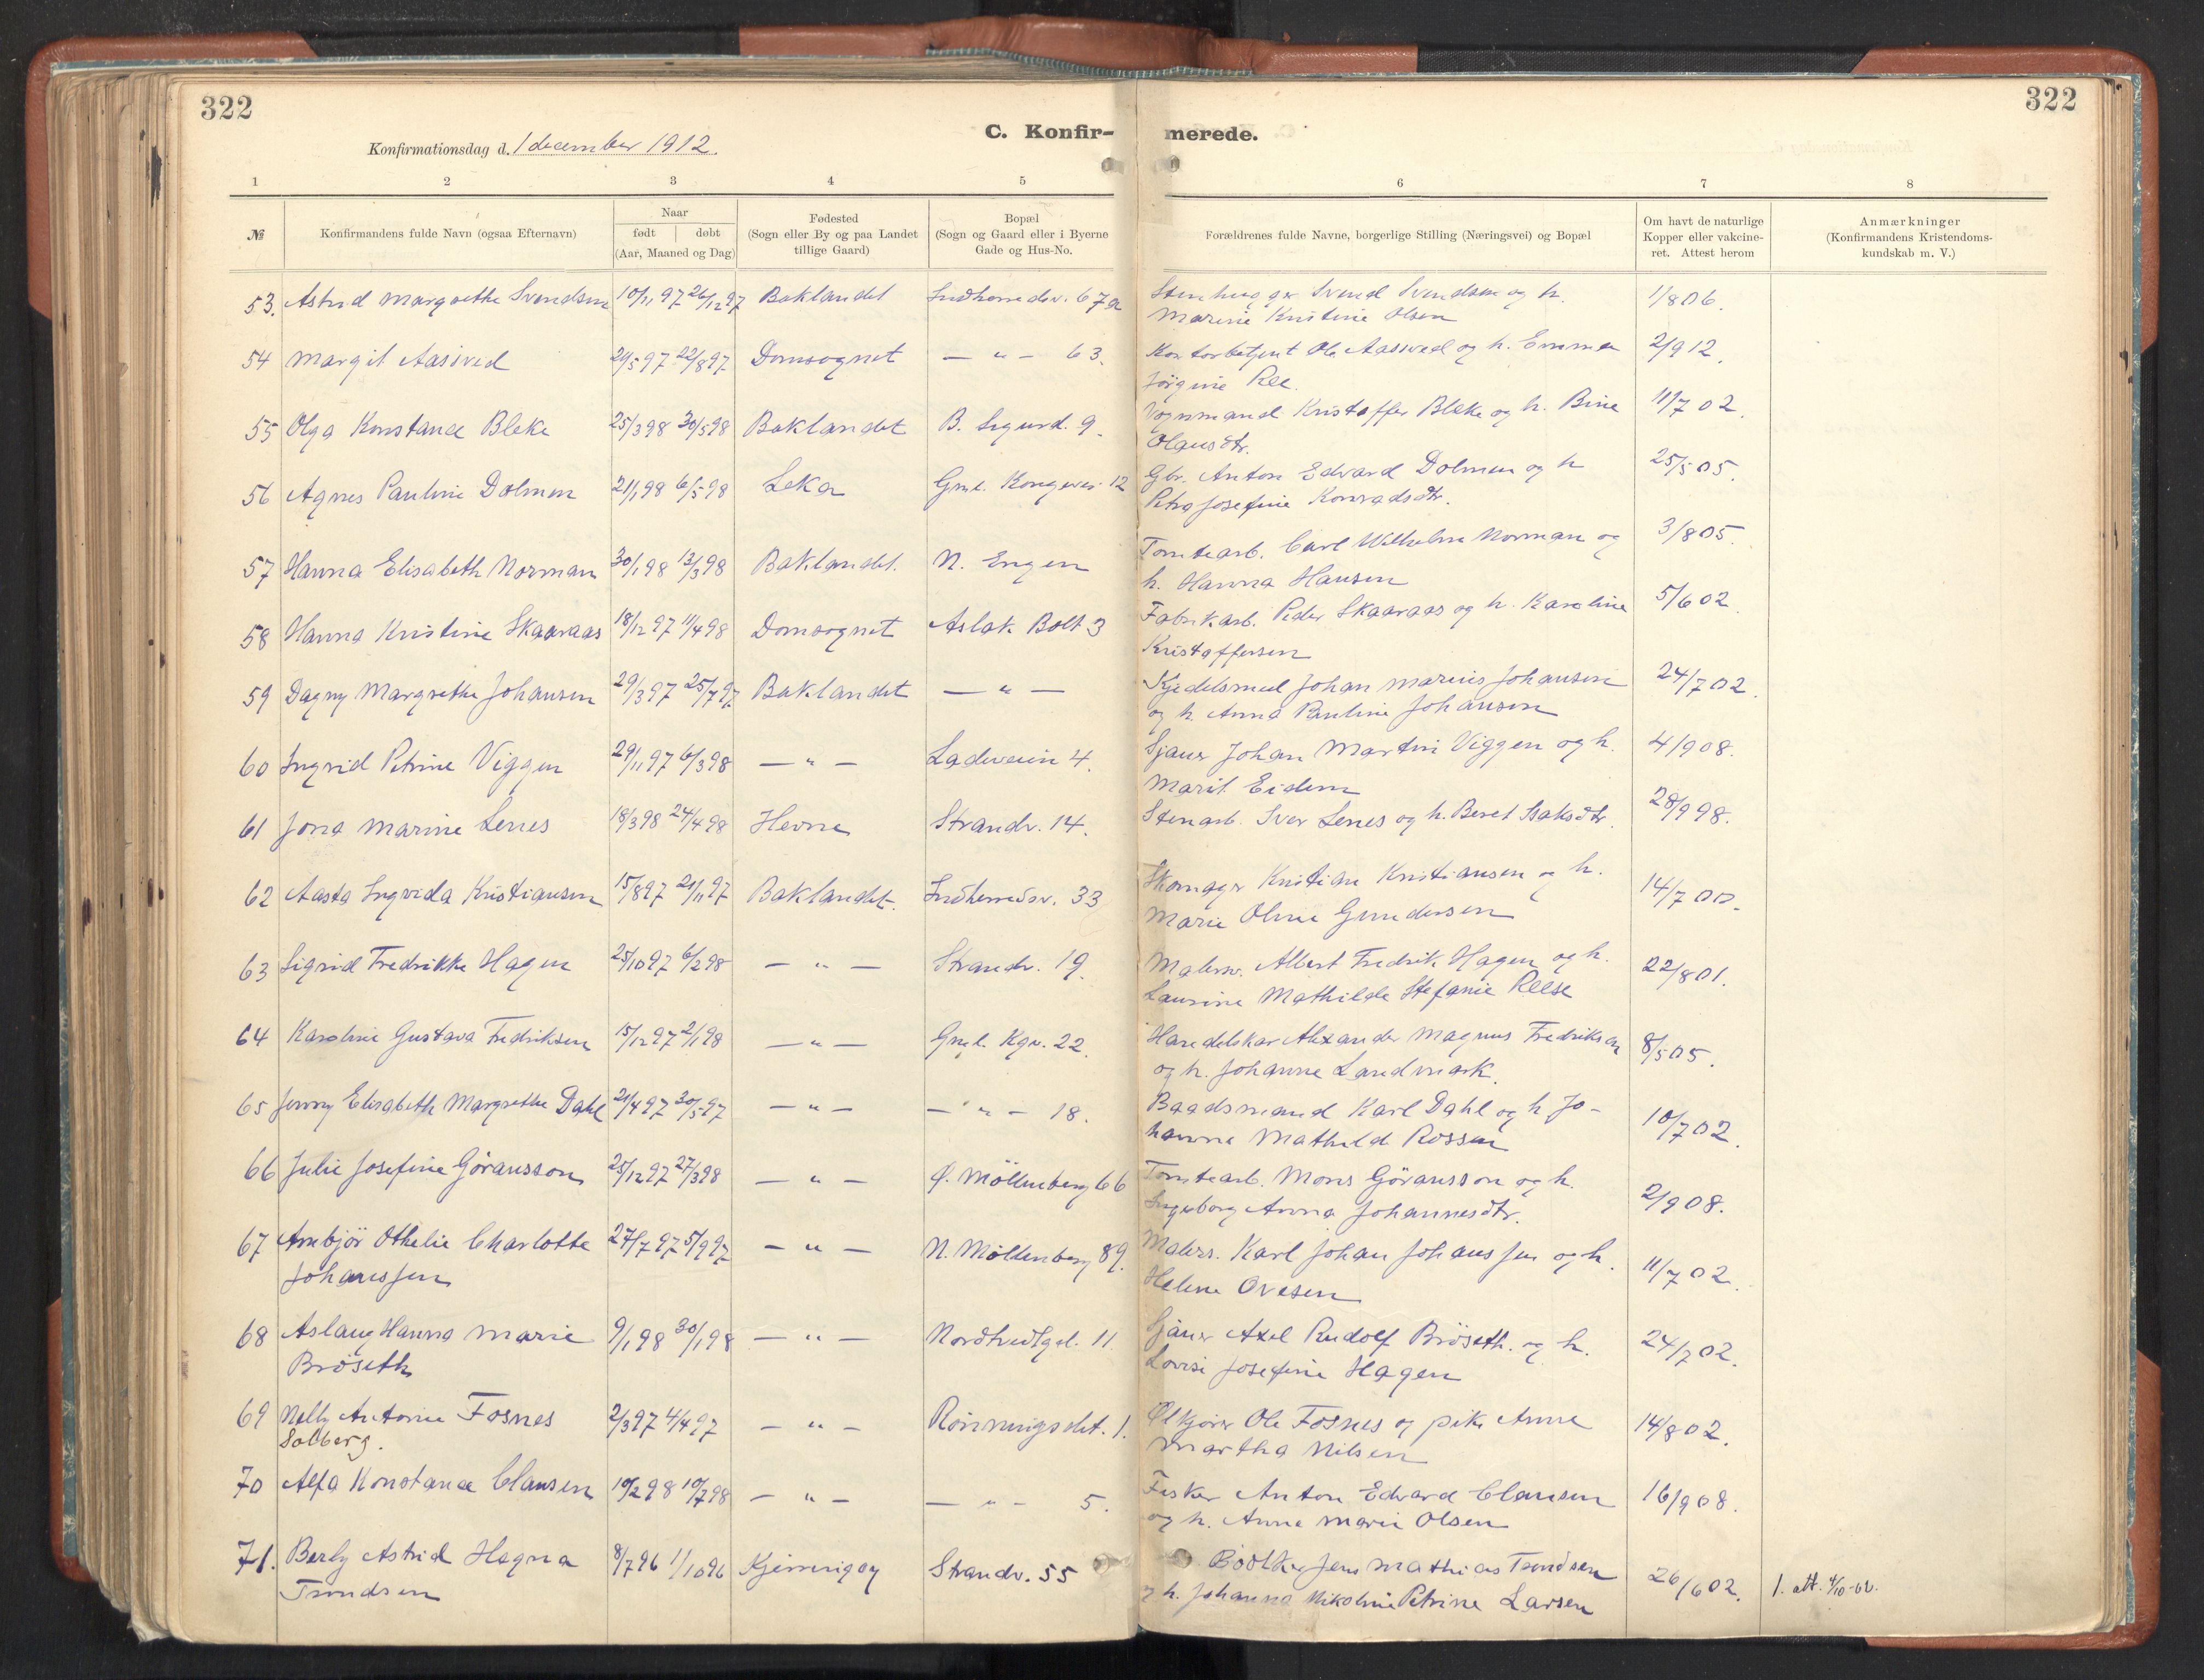 SAT, Ministerialprotokoller, klokkerbøker og fødselsregistre - Sør-Trøndelag, 605/L0243: Ministerialbok nr. 605A05, 1908-1923, s. 322